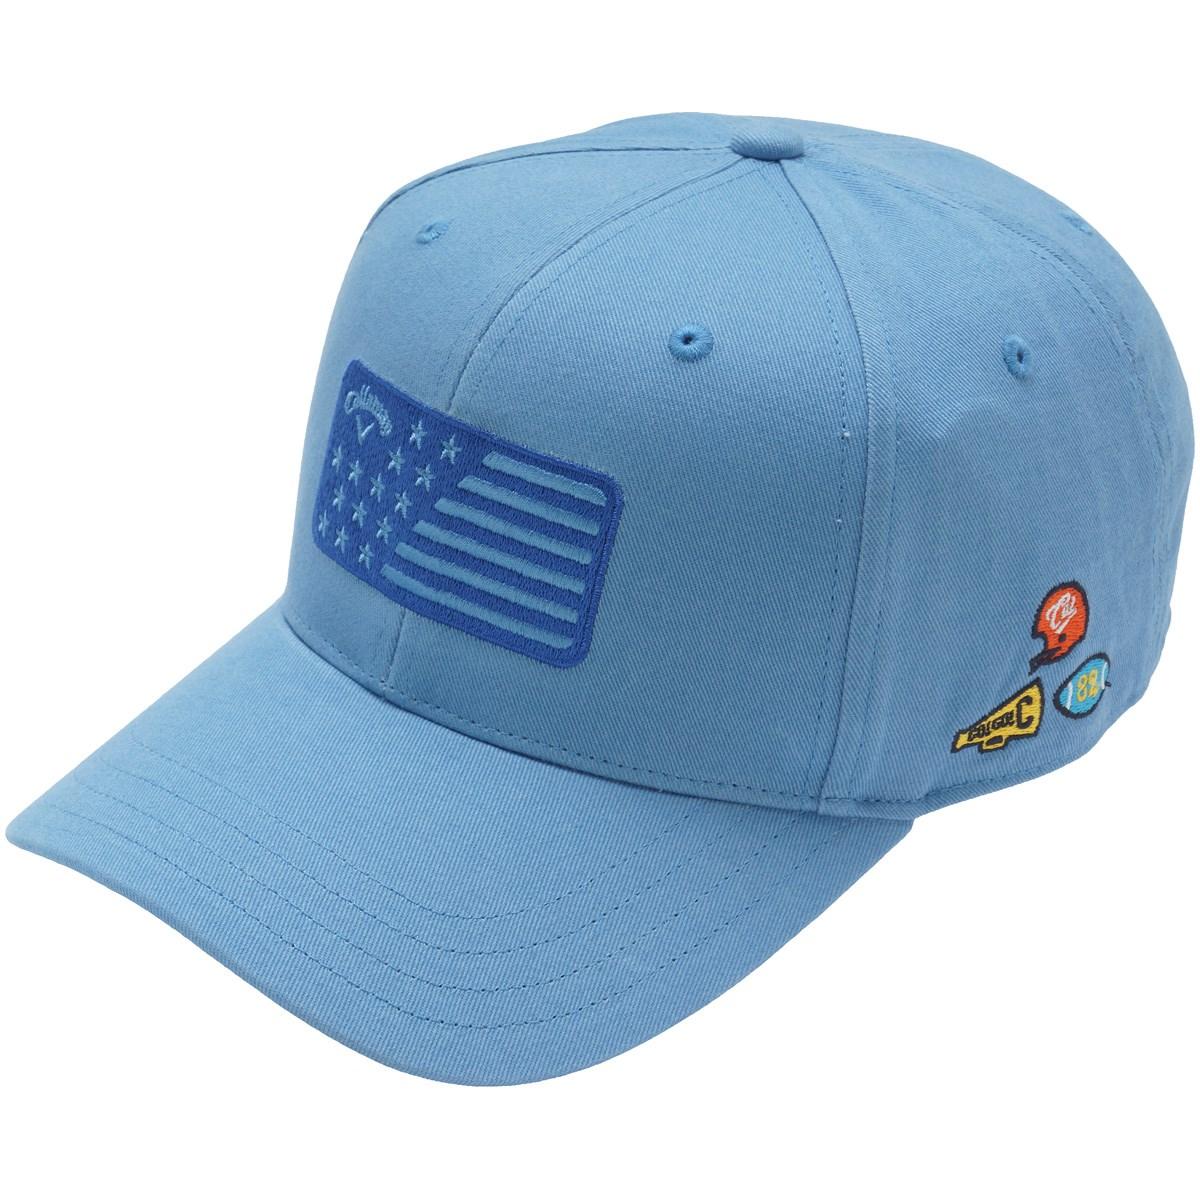 キャロウェイゴルフ(Callaway Golf) ツイルアメリカ国旗キャップ